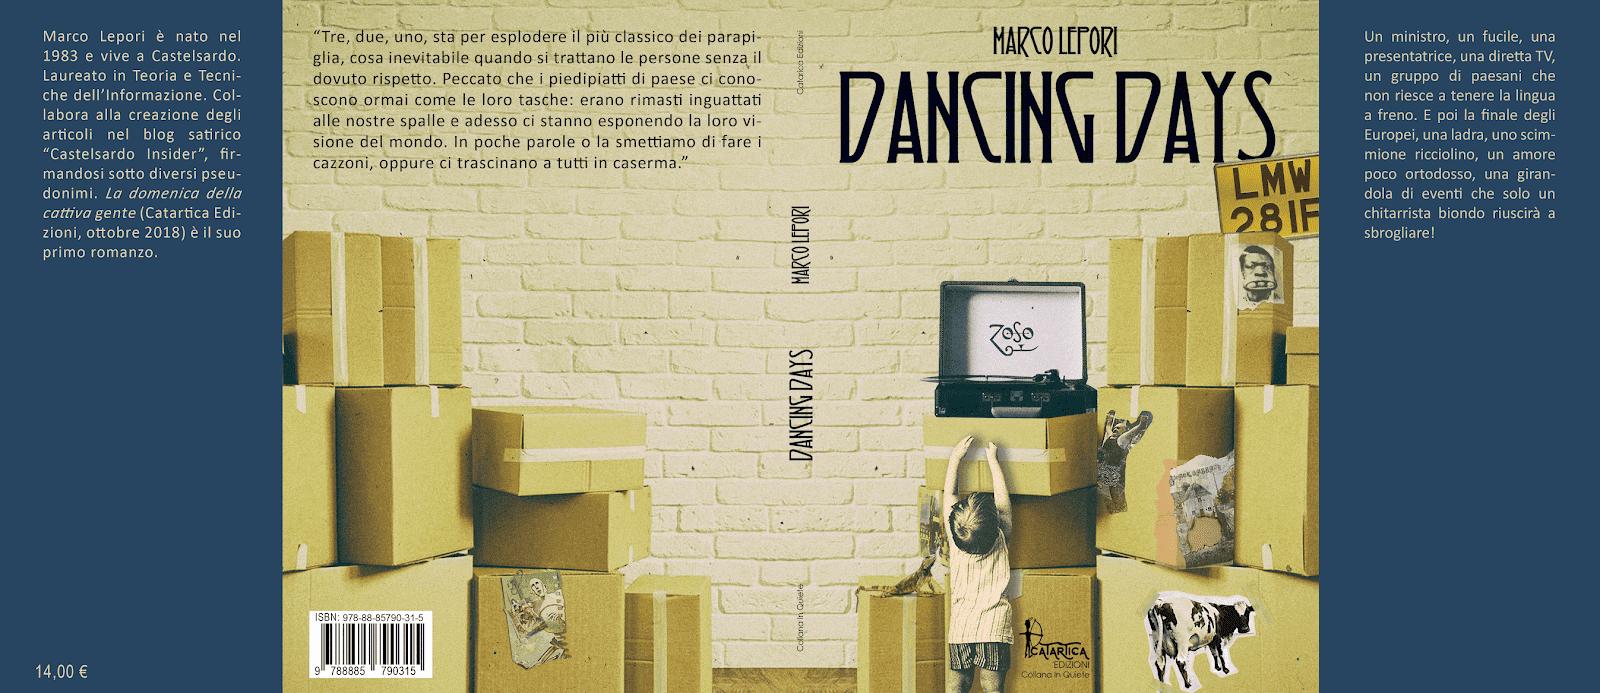 """Gli undici omaggi nascosti nella copertina di """"Dancing Days"""", il secondo romanzo di Marco Lepori"""